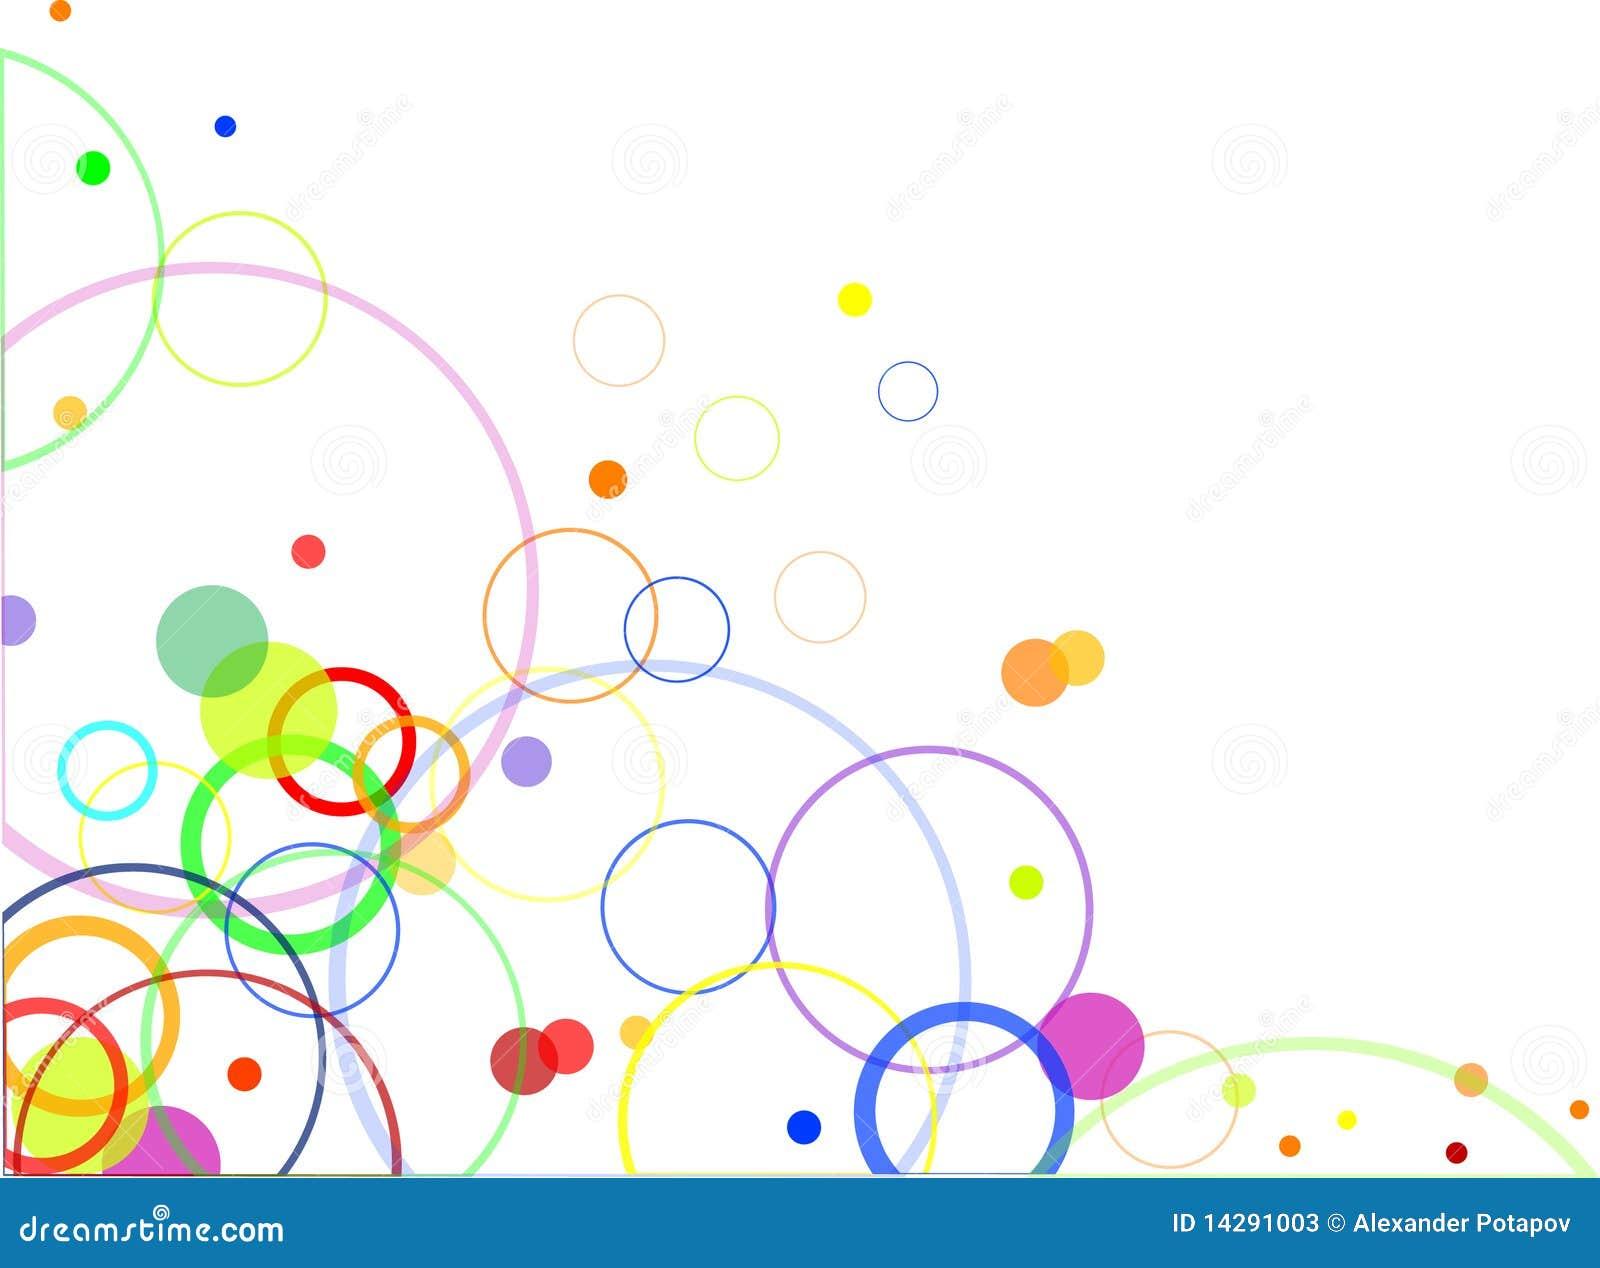 Disegno astratto con i cerchi di colore